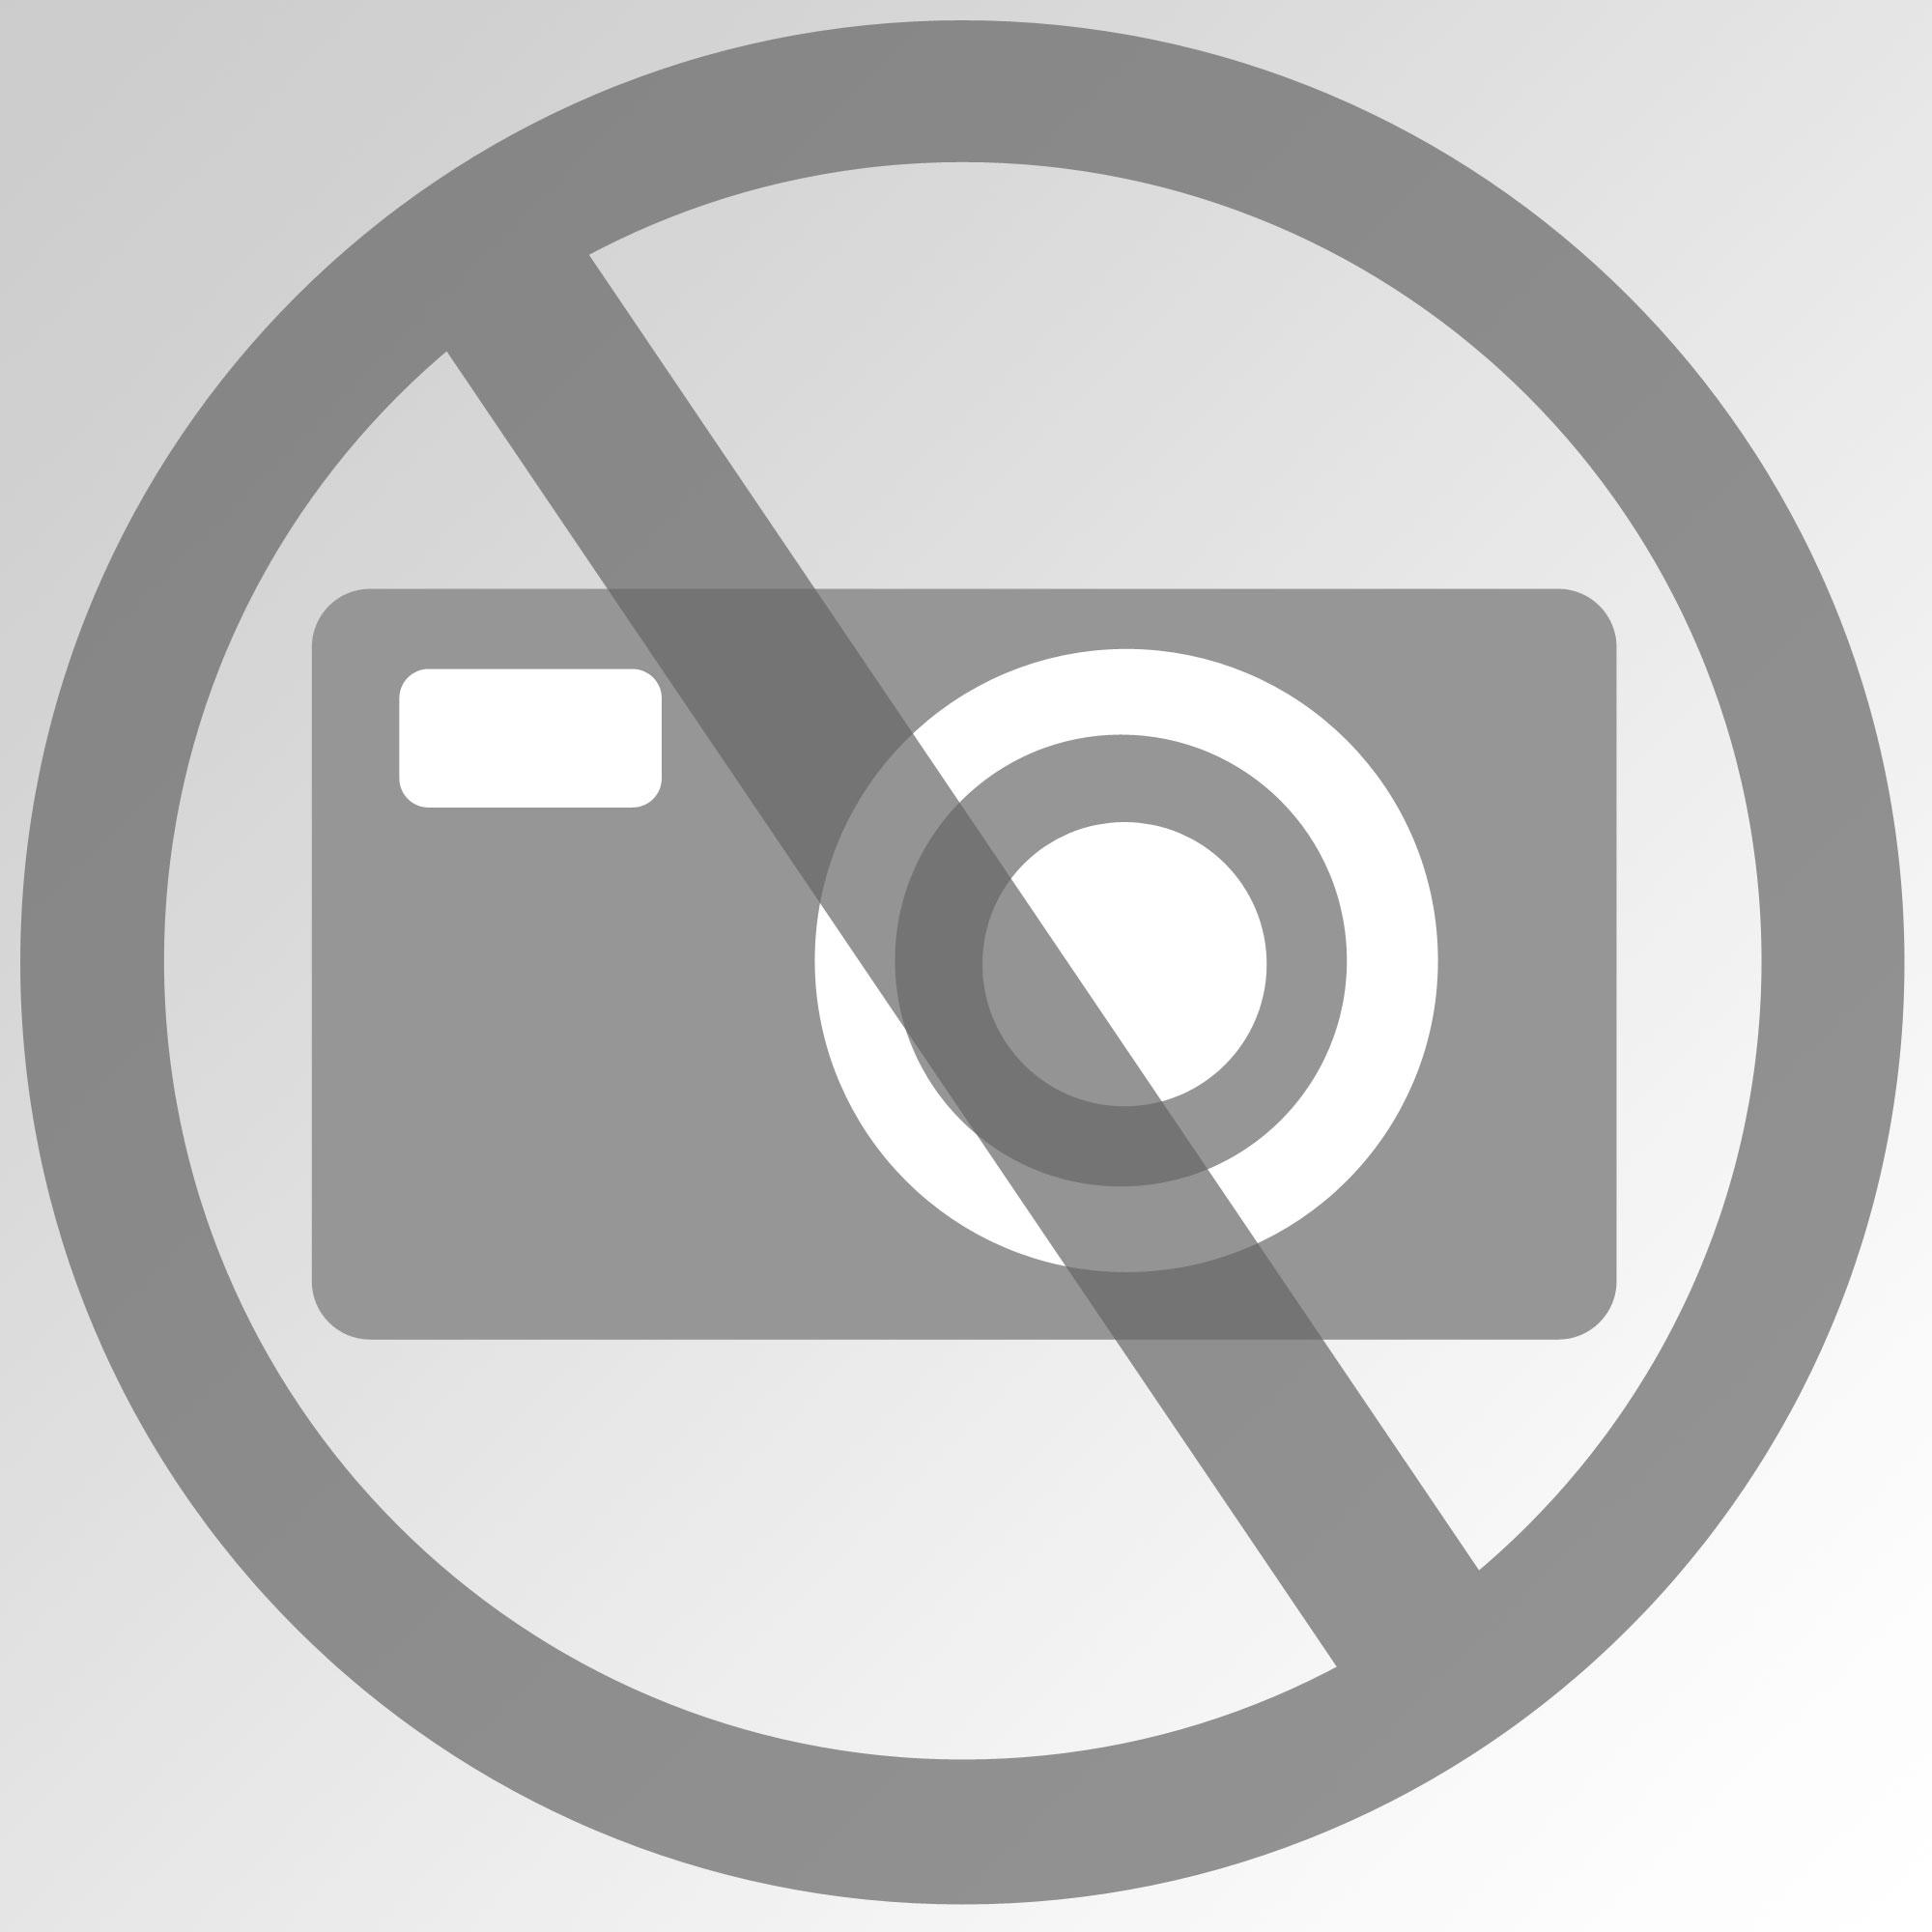 Kiehl Parketto-clean-Konzentrat 1 l Parkett- und Laminatreiniger